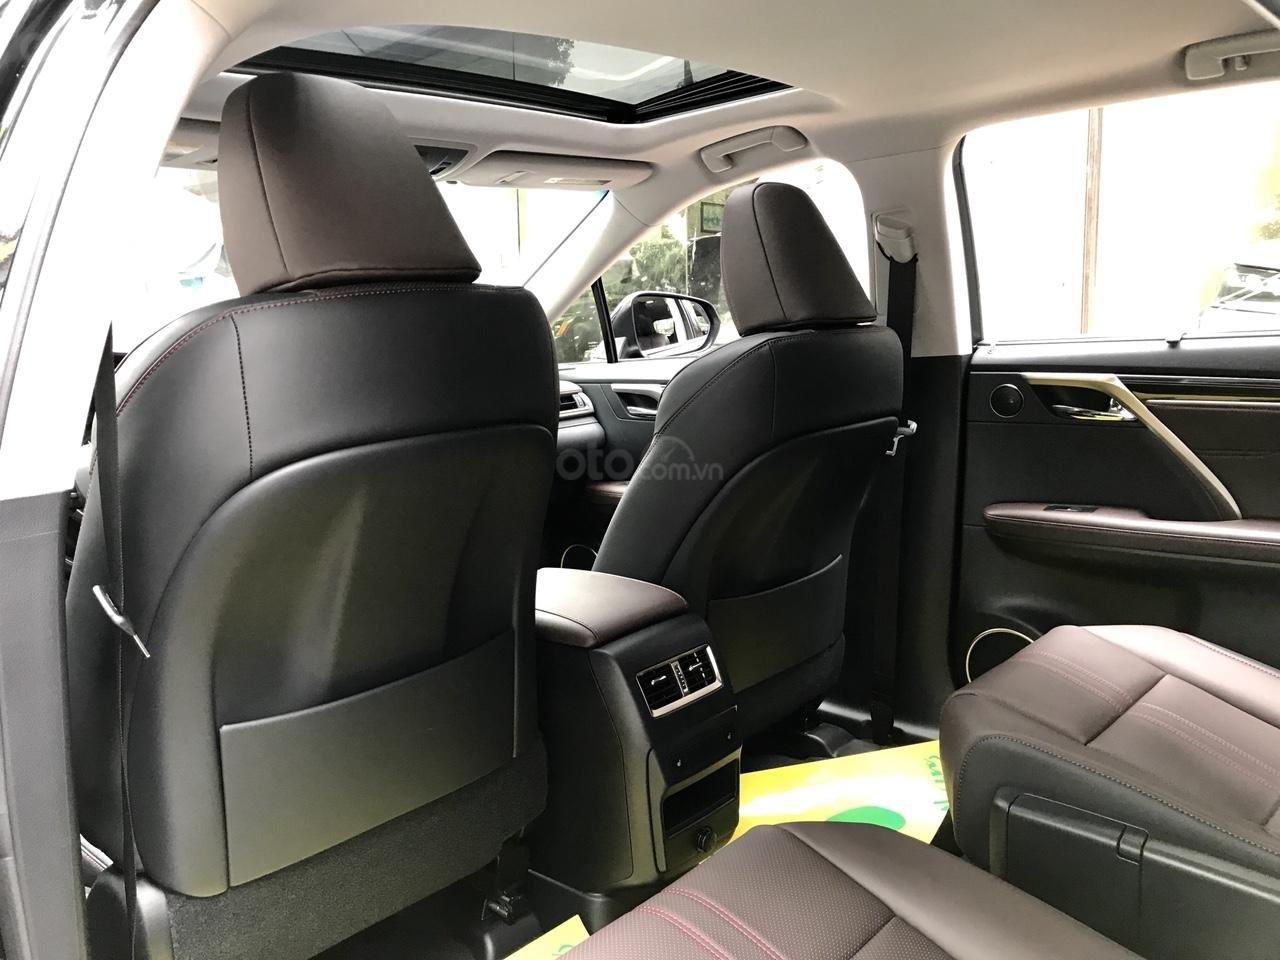 Bán Lexus RX 350L 6 chỗ đời 2019, xe nhập Mỹ, giá tốt, giao ngay, LH 094.539.2468 Ms Hương (11)